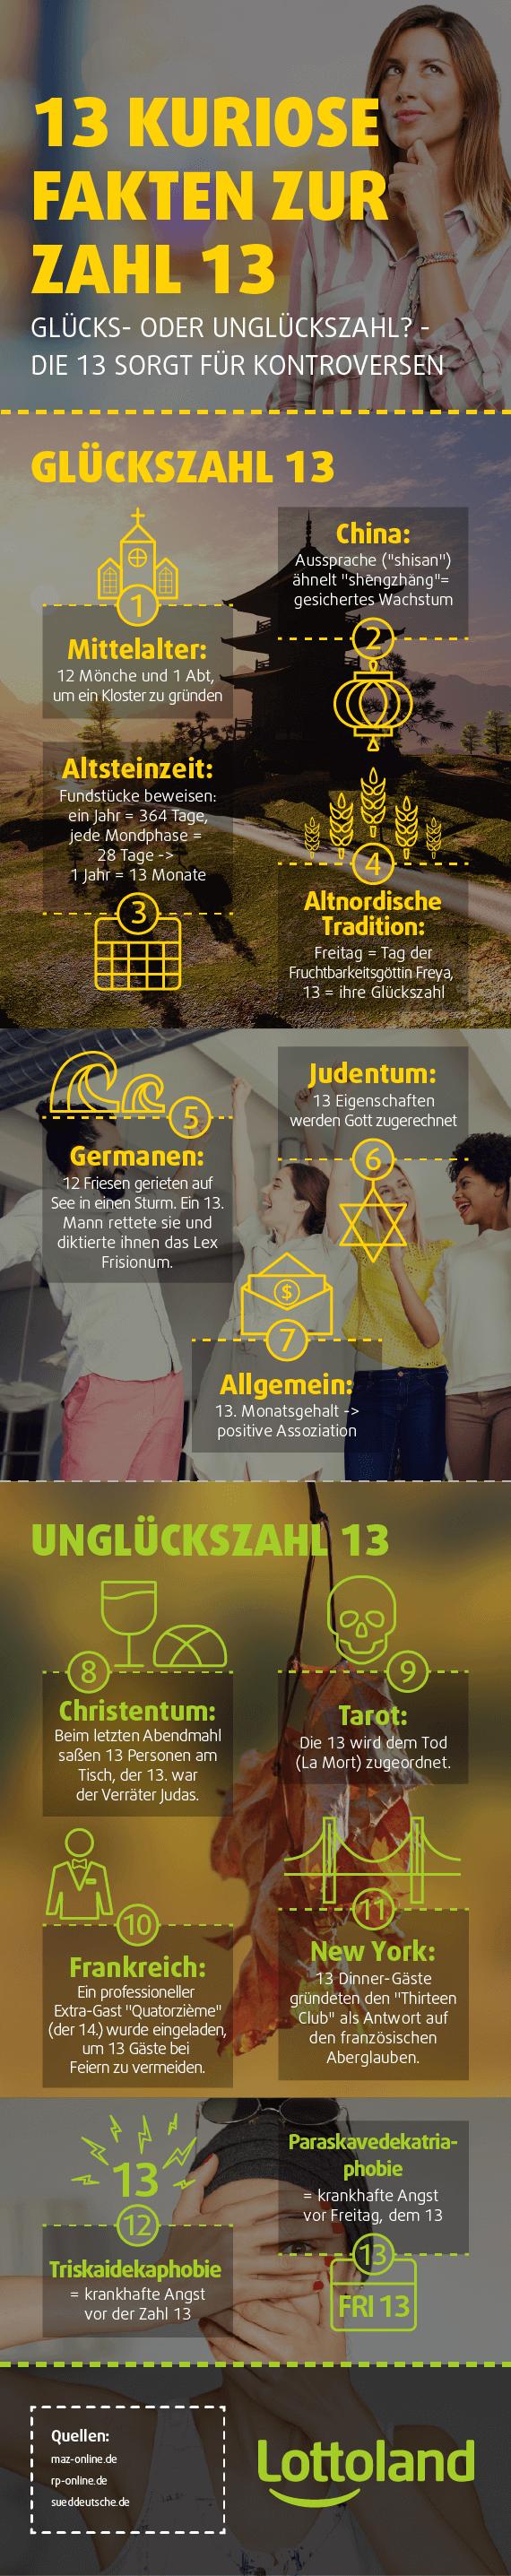 13 Fakten zur Zahl 13